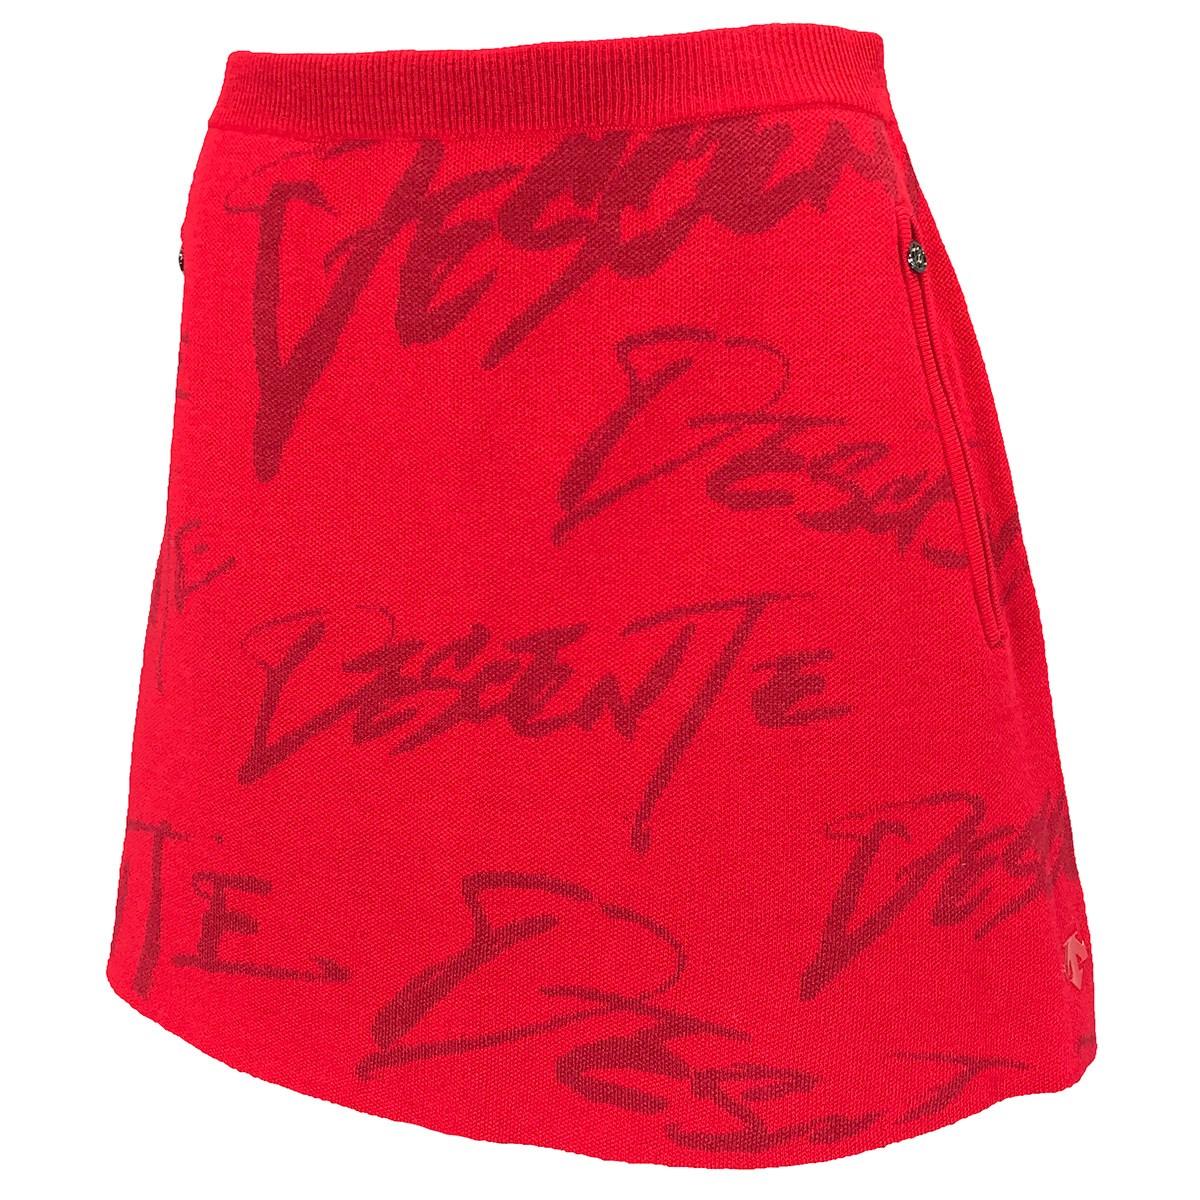 デサントゴルフ(DESCENTE GOLF) 万美コレクション ウール混ロゴジャカードニットスカートレディス